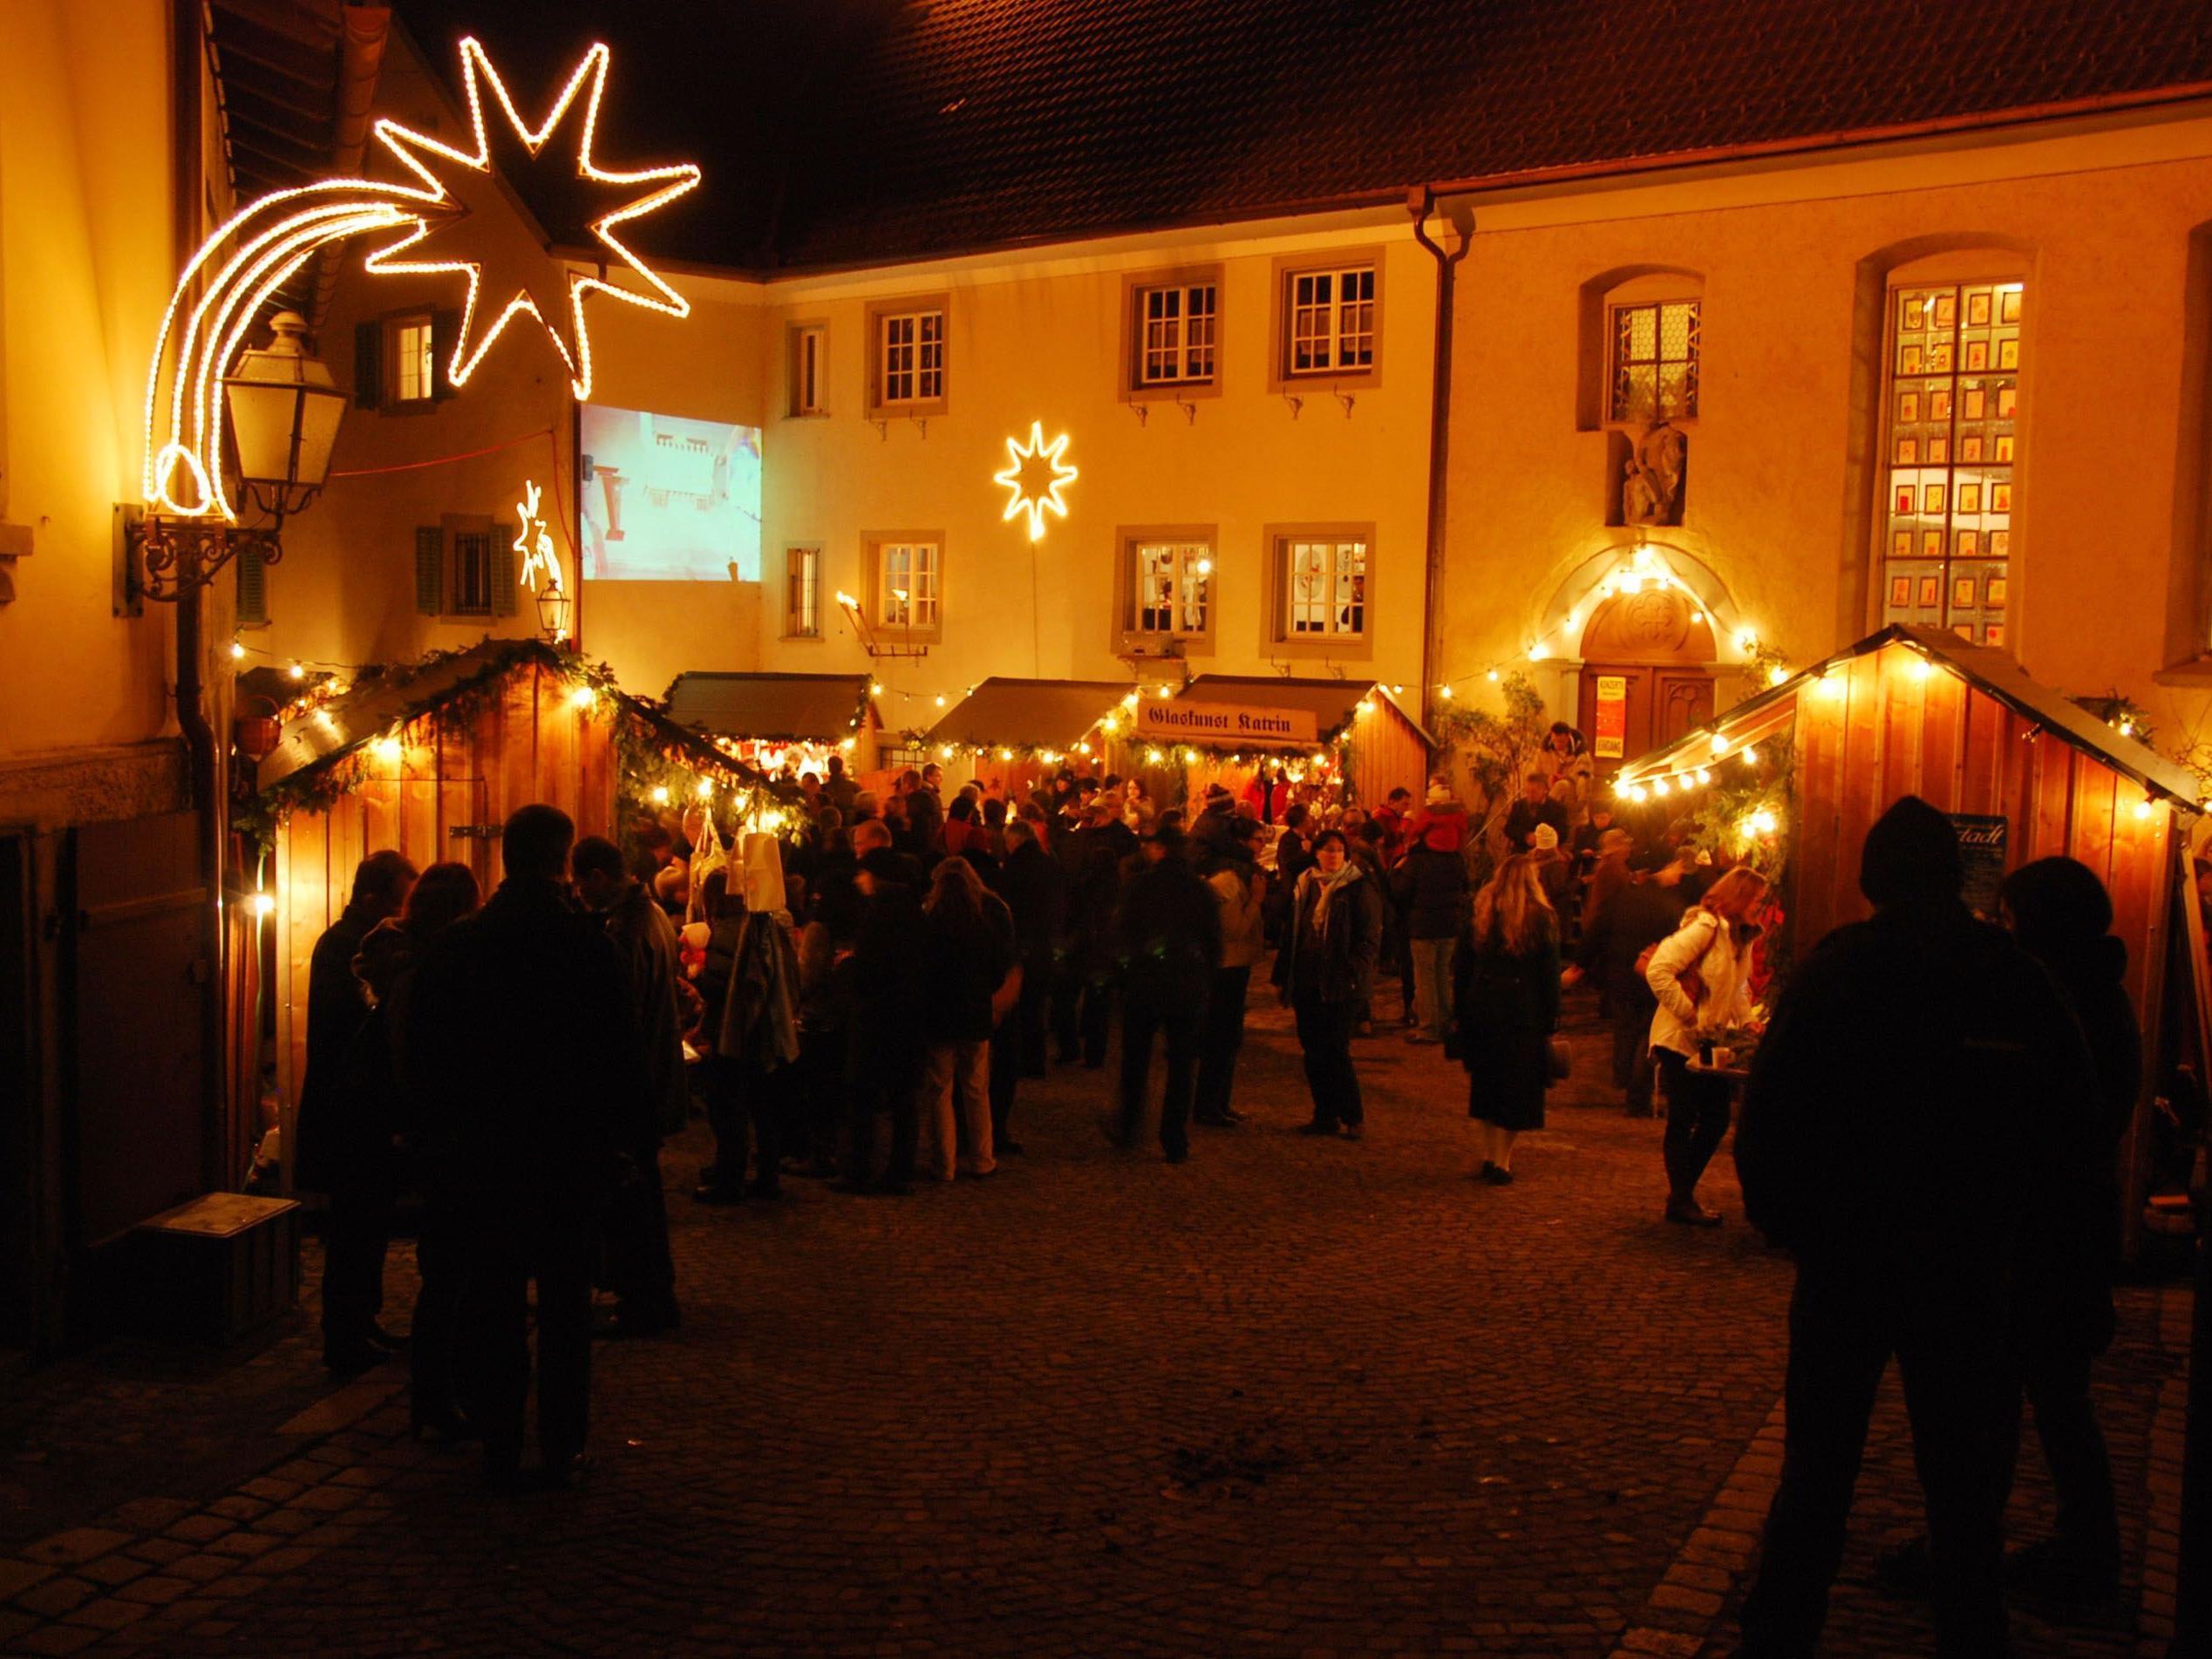 Dieses Wochende lädt der Weihnachtsmarkt in der Oberstadt letztmalig zum Bummeln ein.